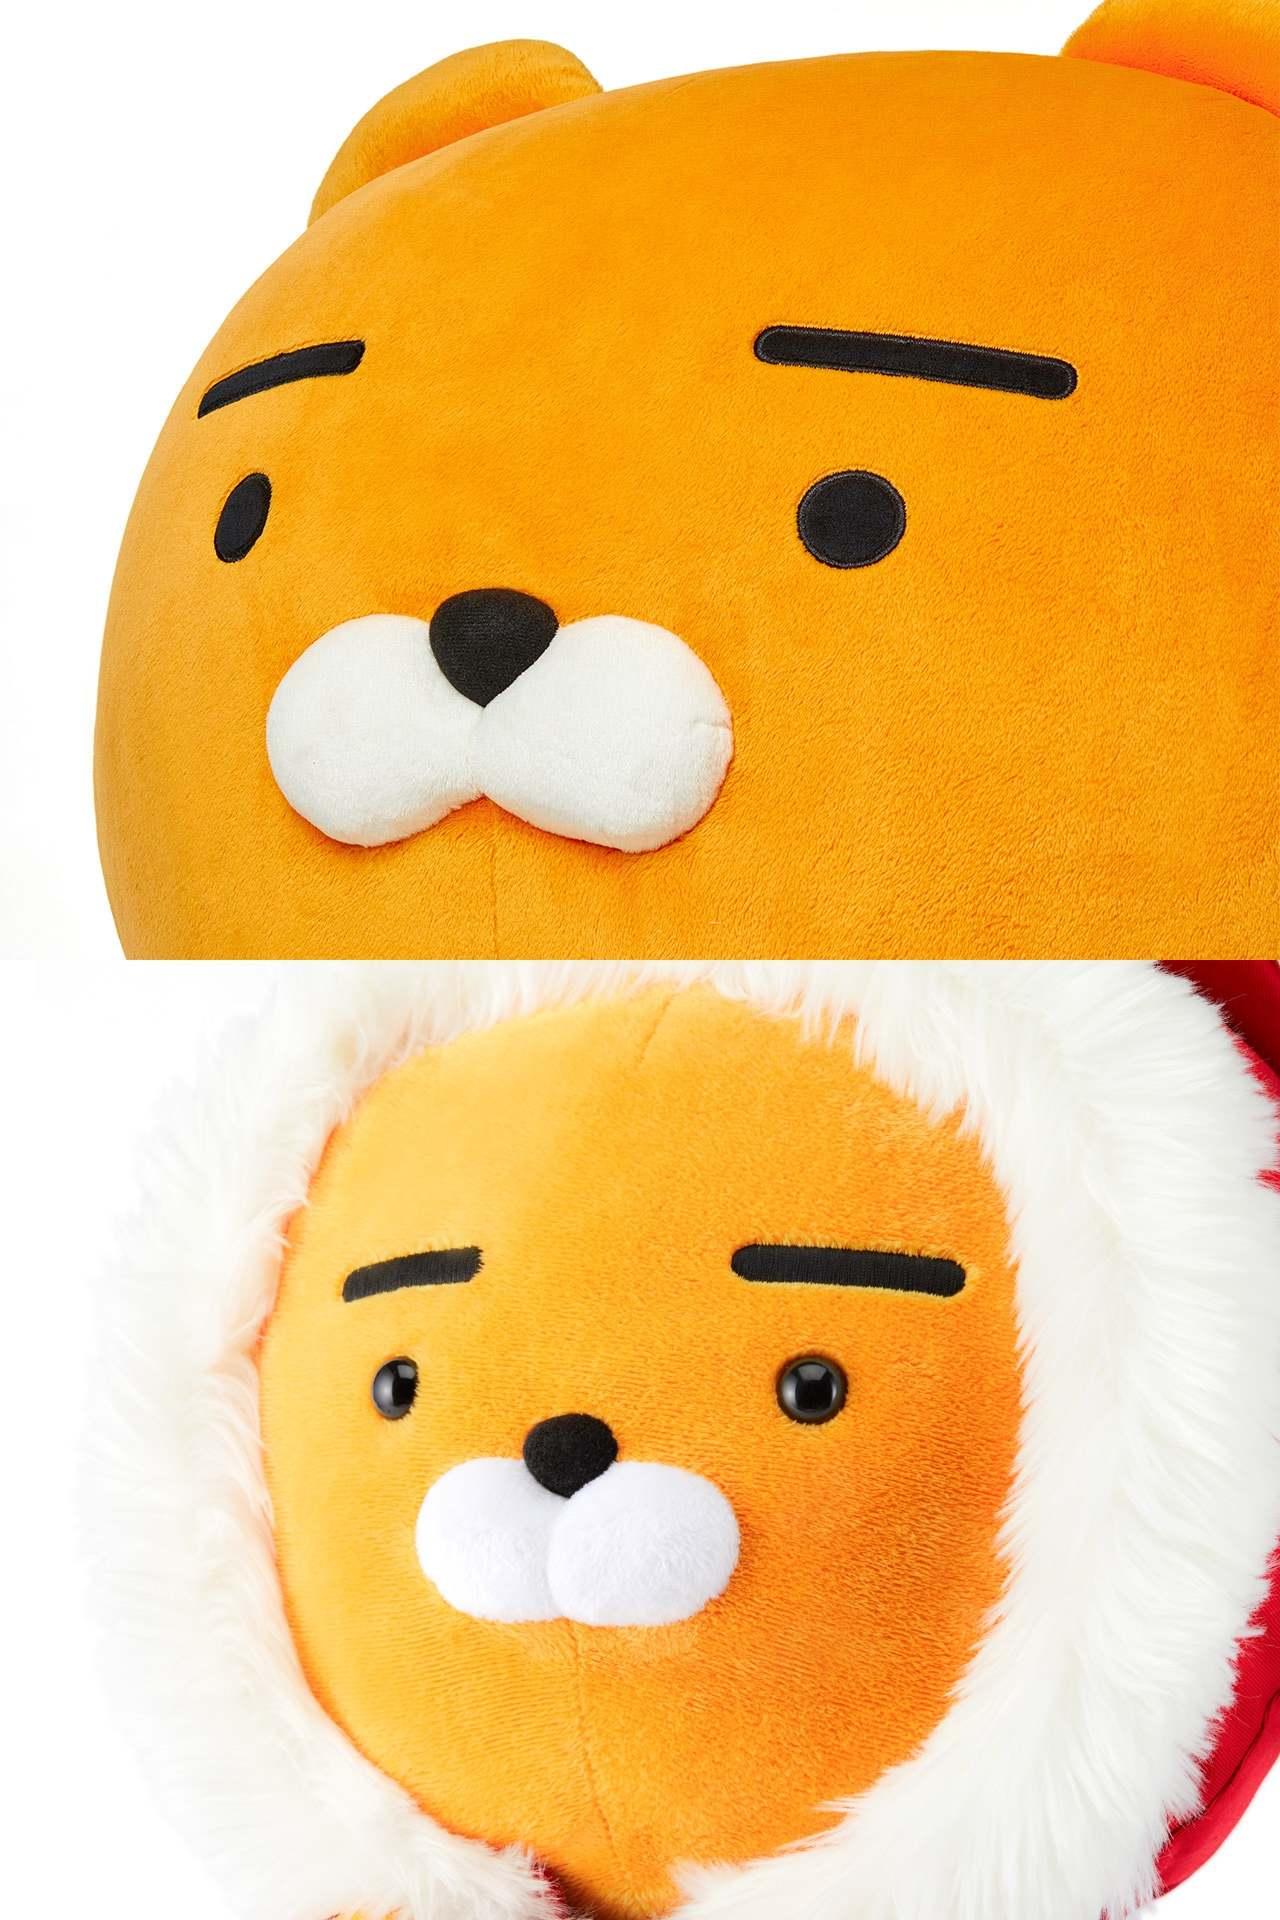 仔細看可以發現聖誕節版Ryan的眼睛跟一般版Ryan有差別,上圖一般的Ryan是平面,下圖聖誕節版的眼睛卻是亮晶晶~~~眼睛裡面有星星!